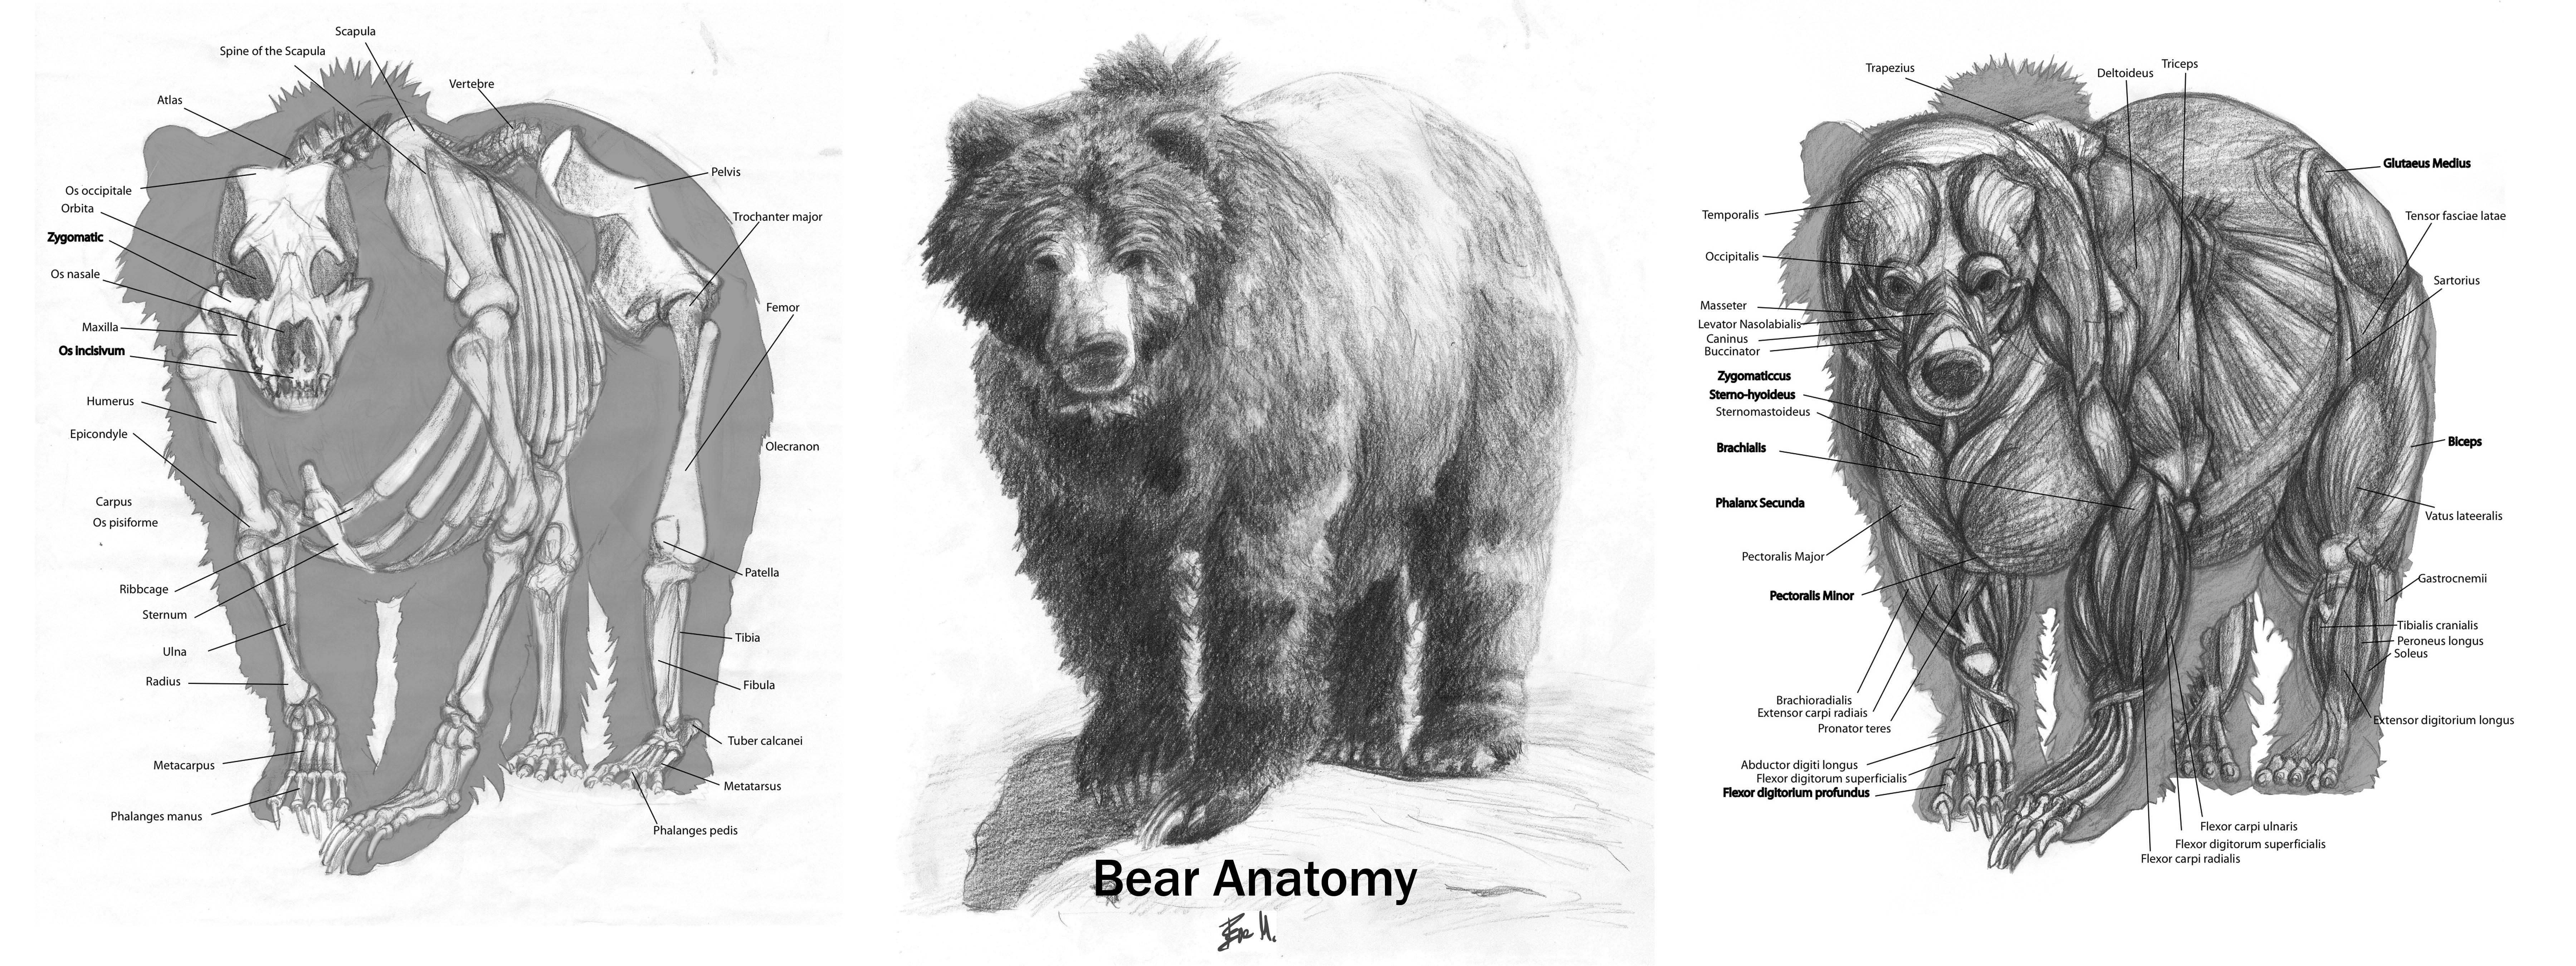 Drawn polar  bear anatomy By Anatomy: DeviantArt Grizzly Bear